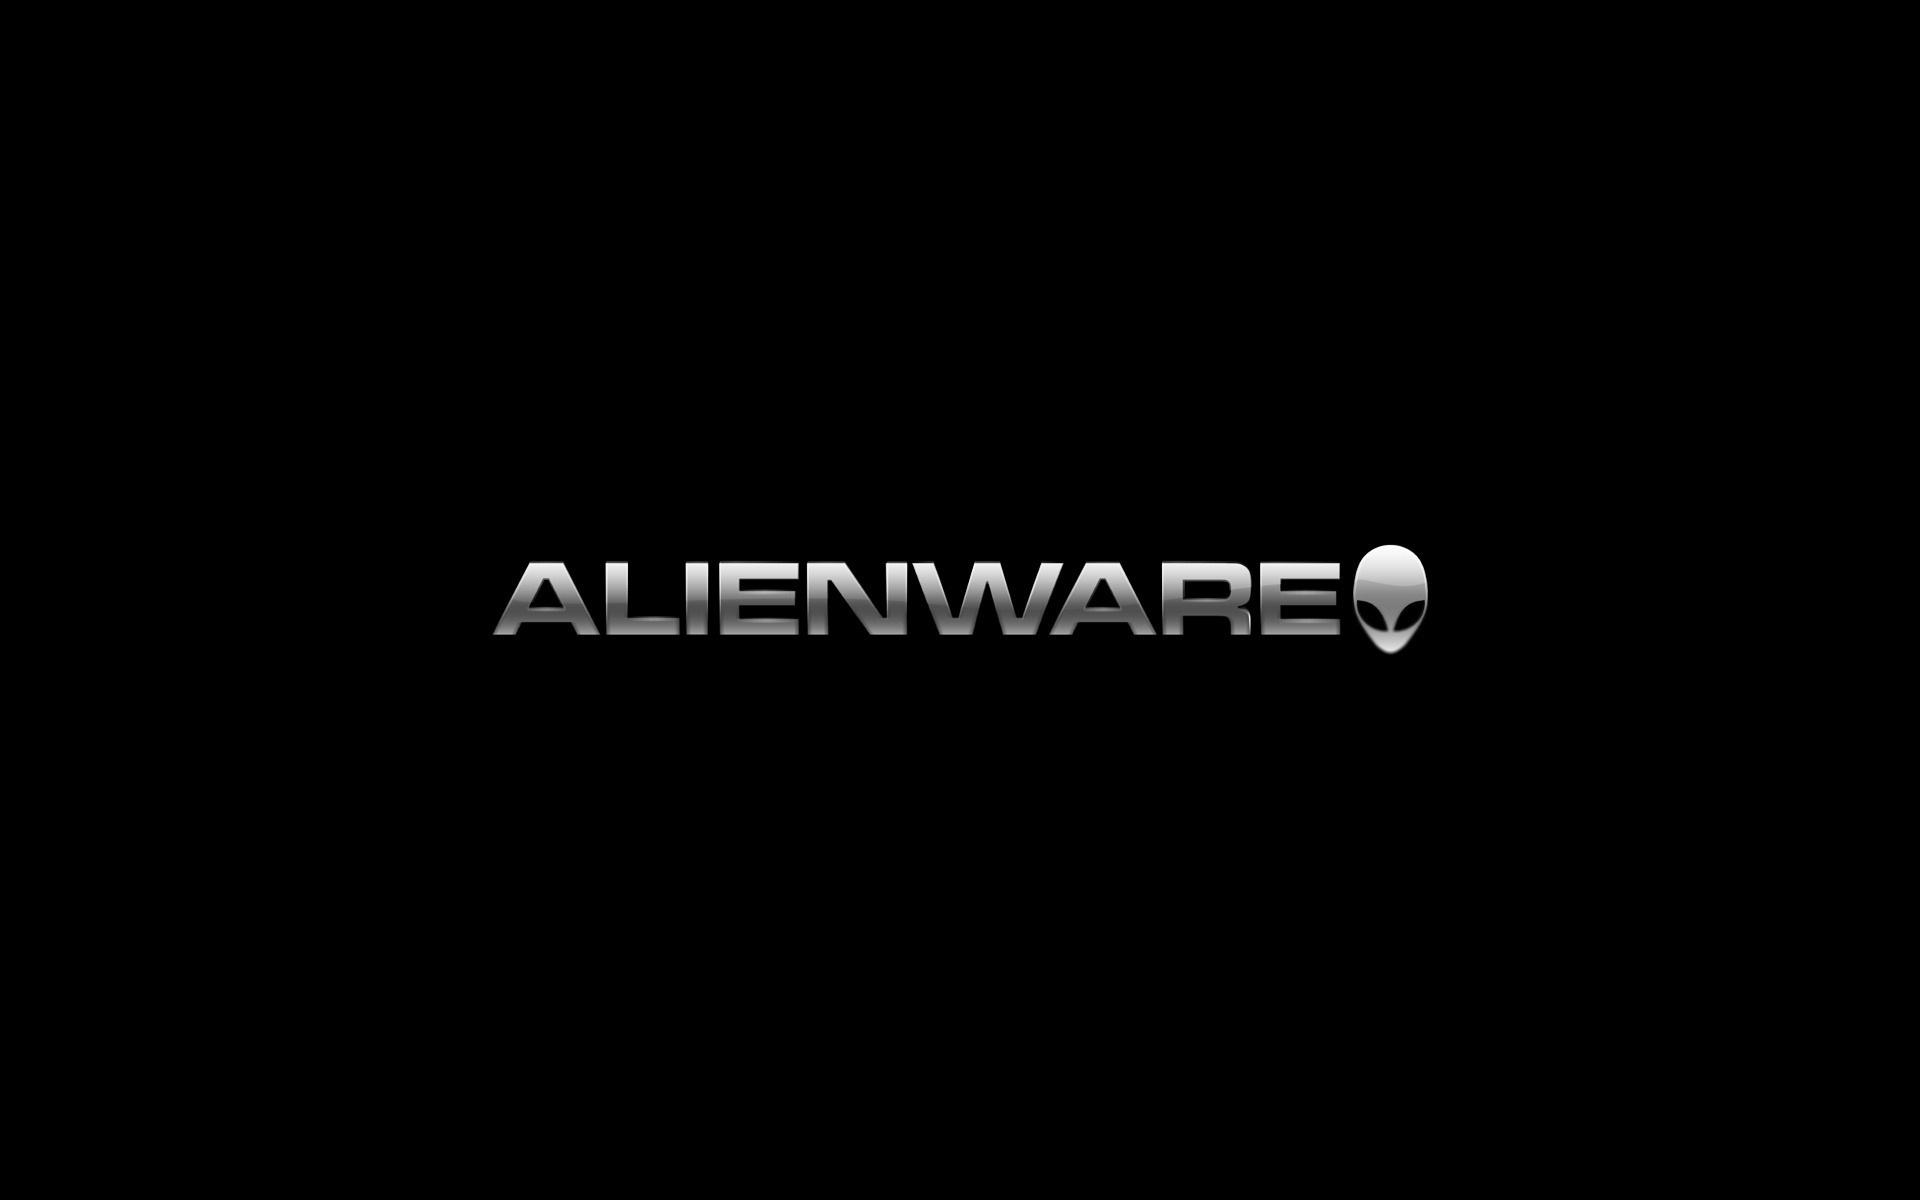 alienware wallpaper 4293